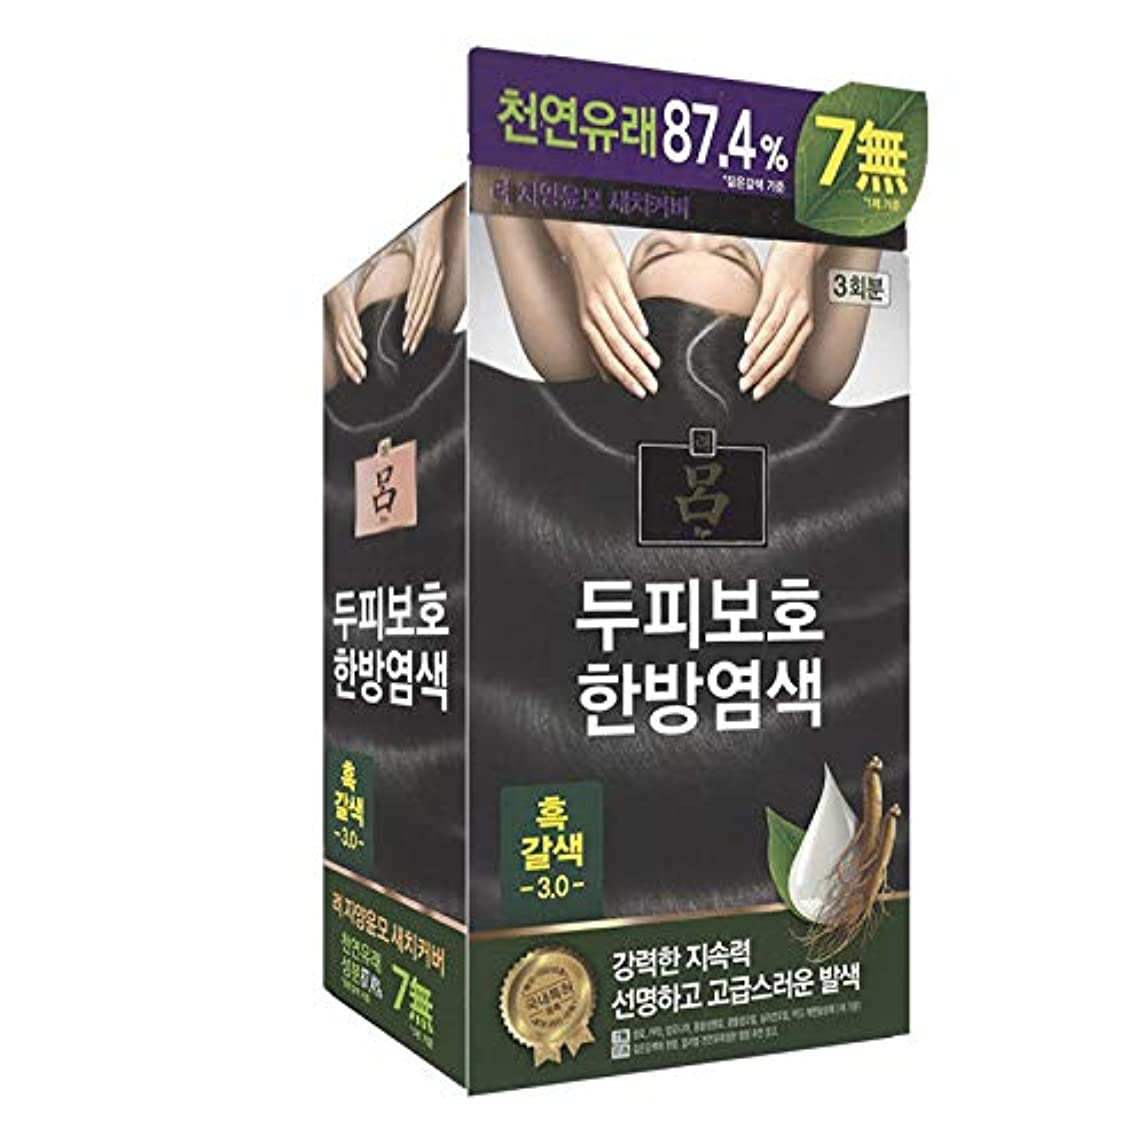 アライメントマッサージ空アモーレパシフィック呂[AMOREPACIFIC/Ryo] Jayang Yunmoグレーヘアカバー 3.0 黒褐色(Blackish Brown)